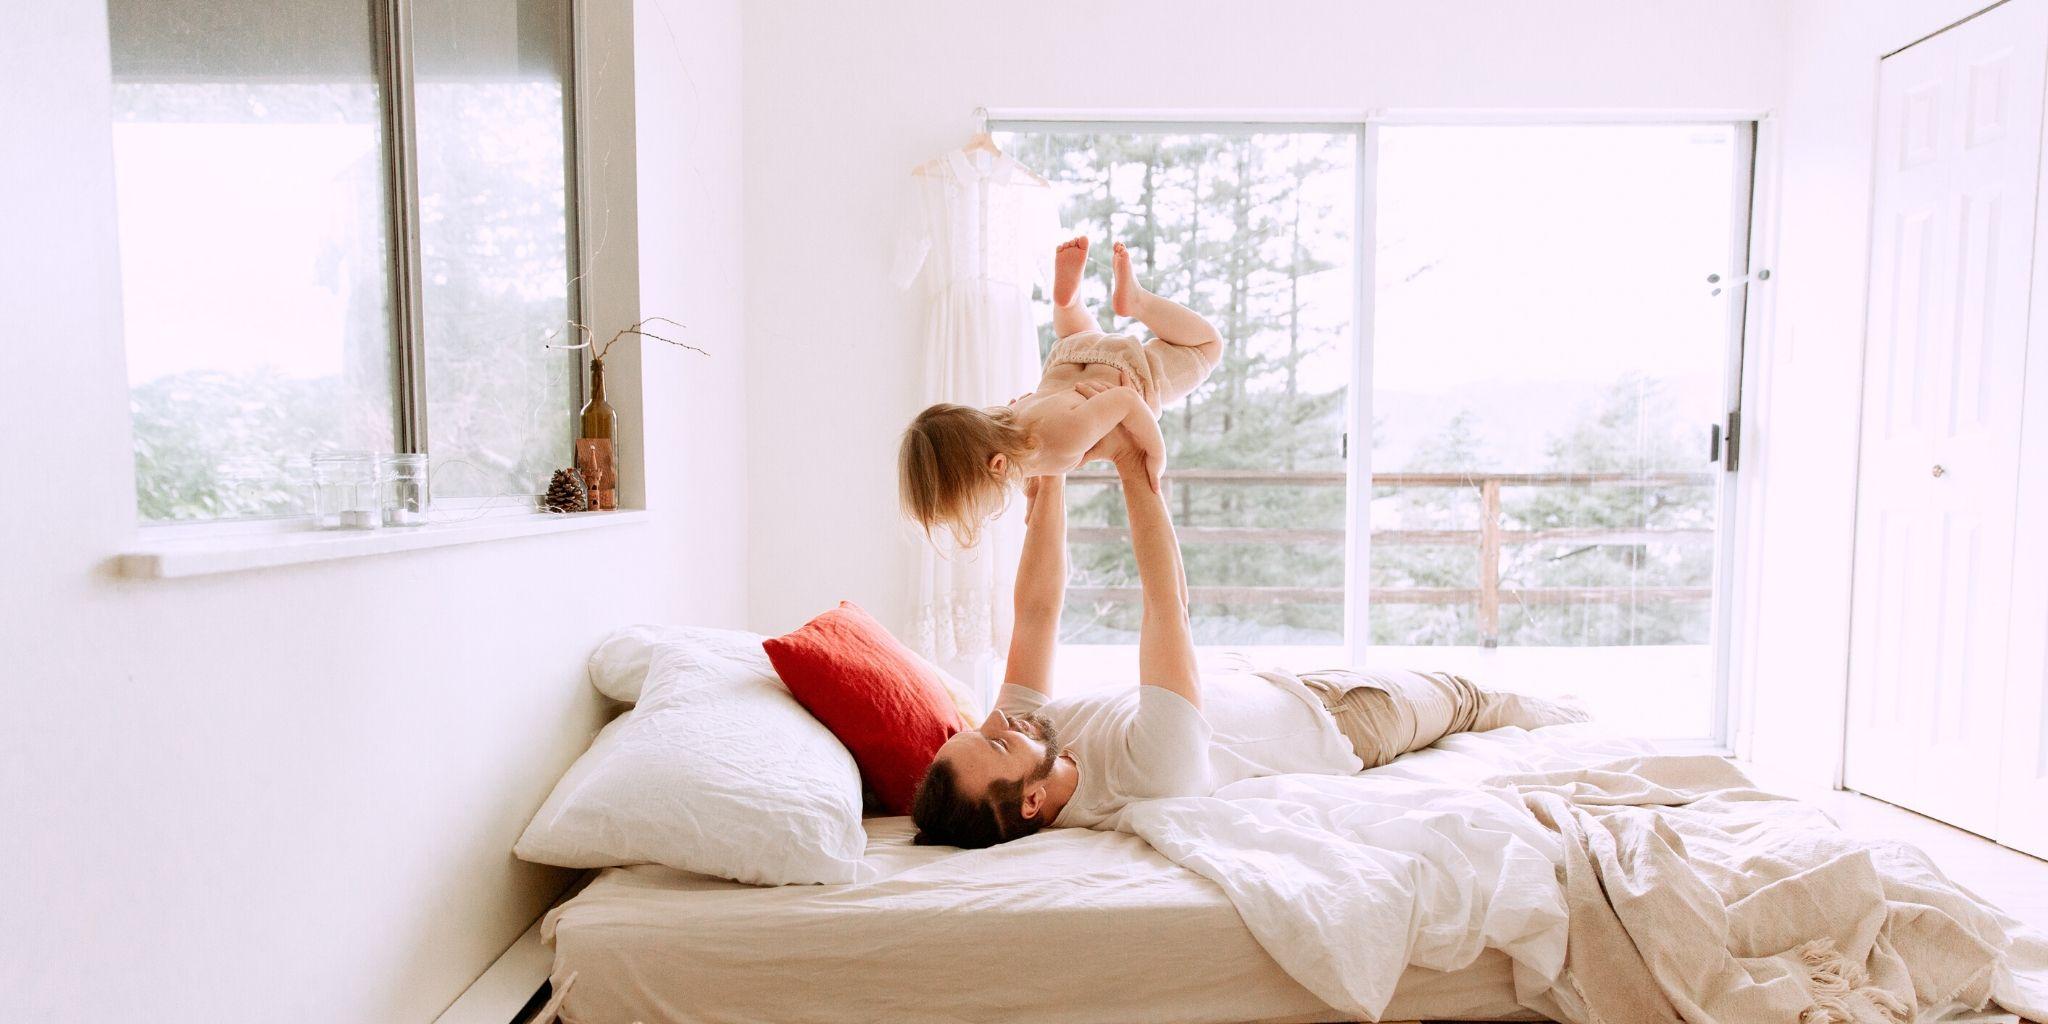 30 spaßige Aktivitäten für zu Hause